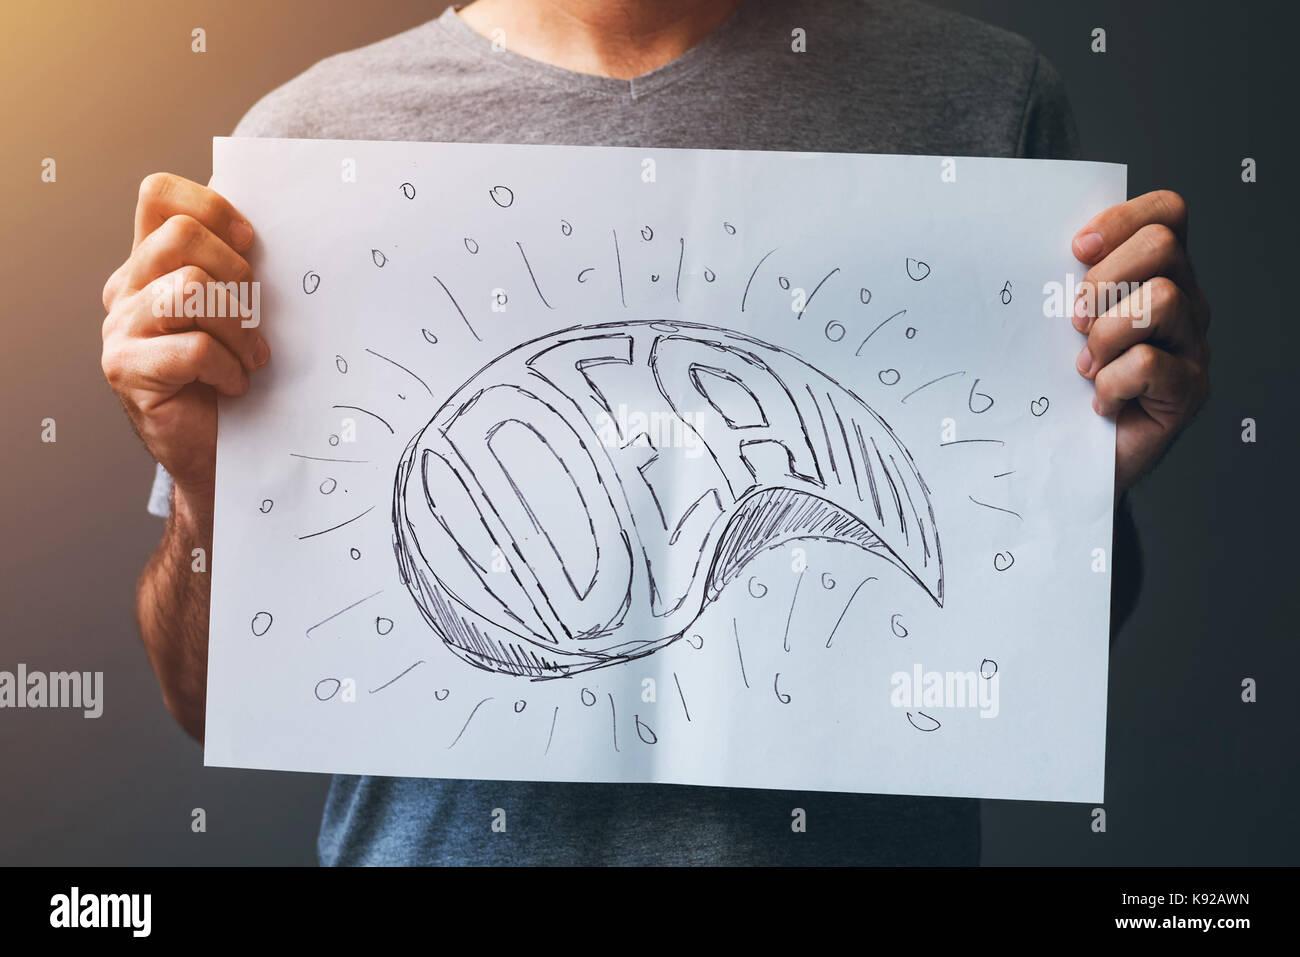 Le idee e le innovazioni e la creatività in graphic design, illustrazione e scrittura Immagini Stock